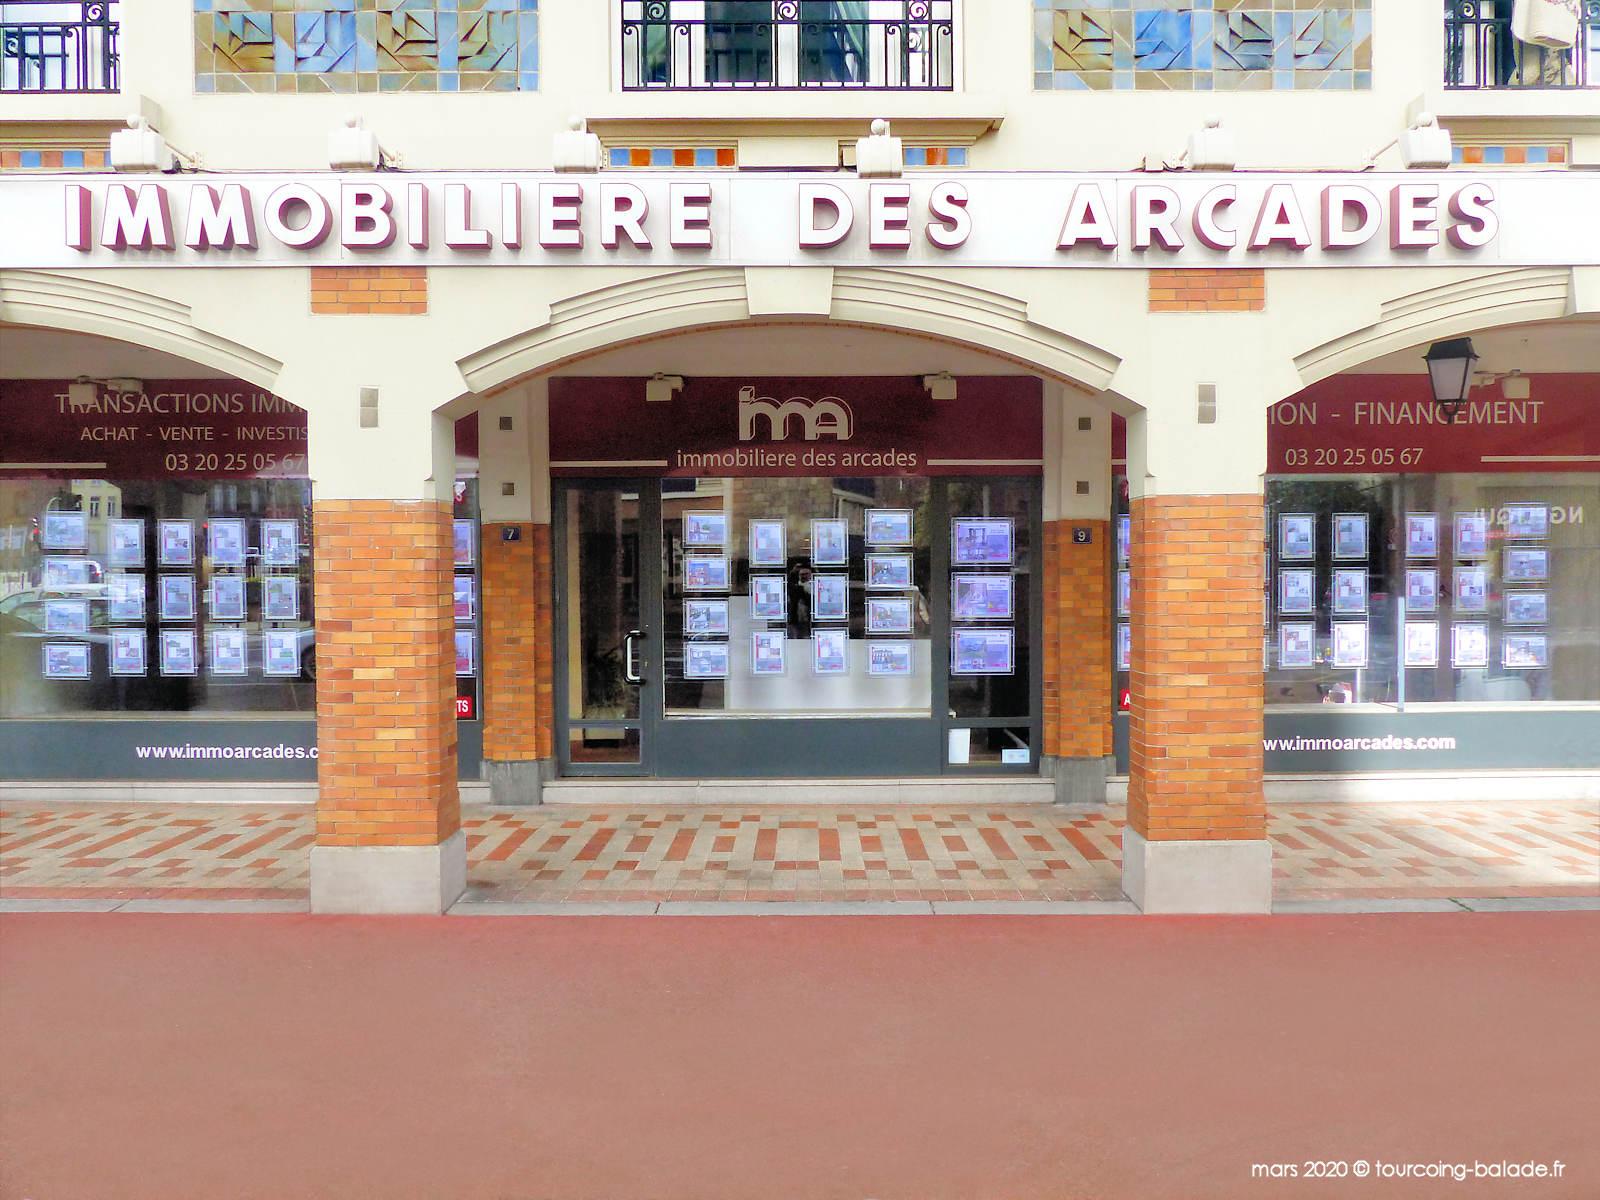 Immobilière des Arcades, Tourcoing.